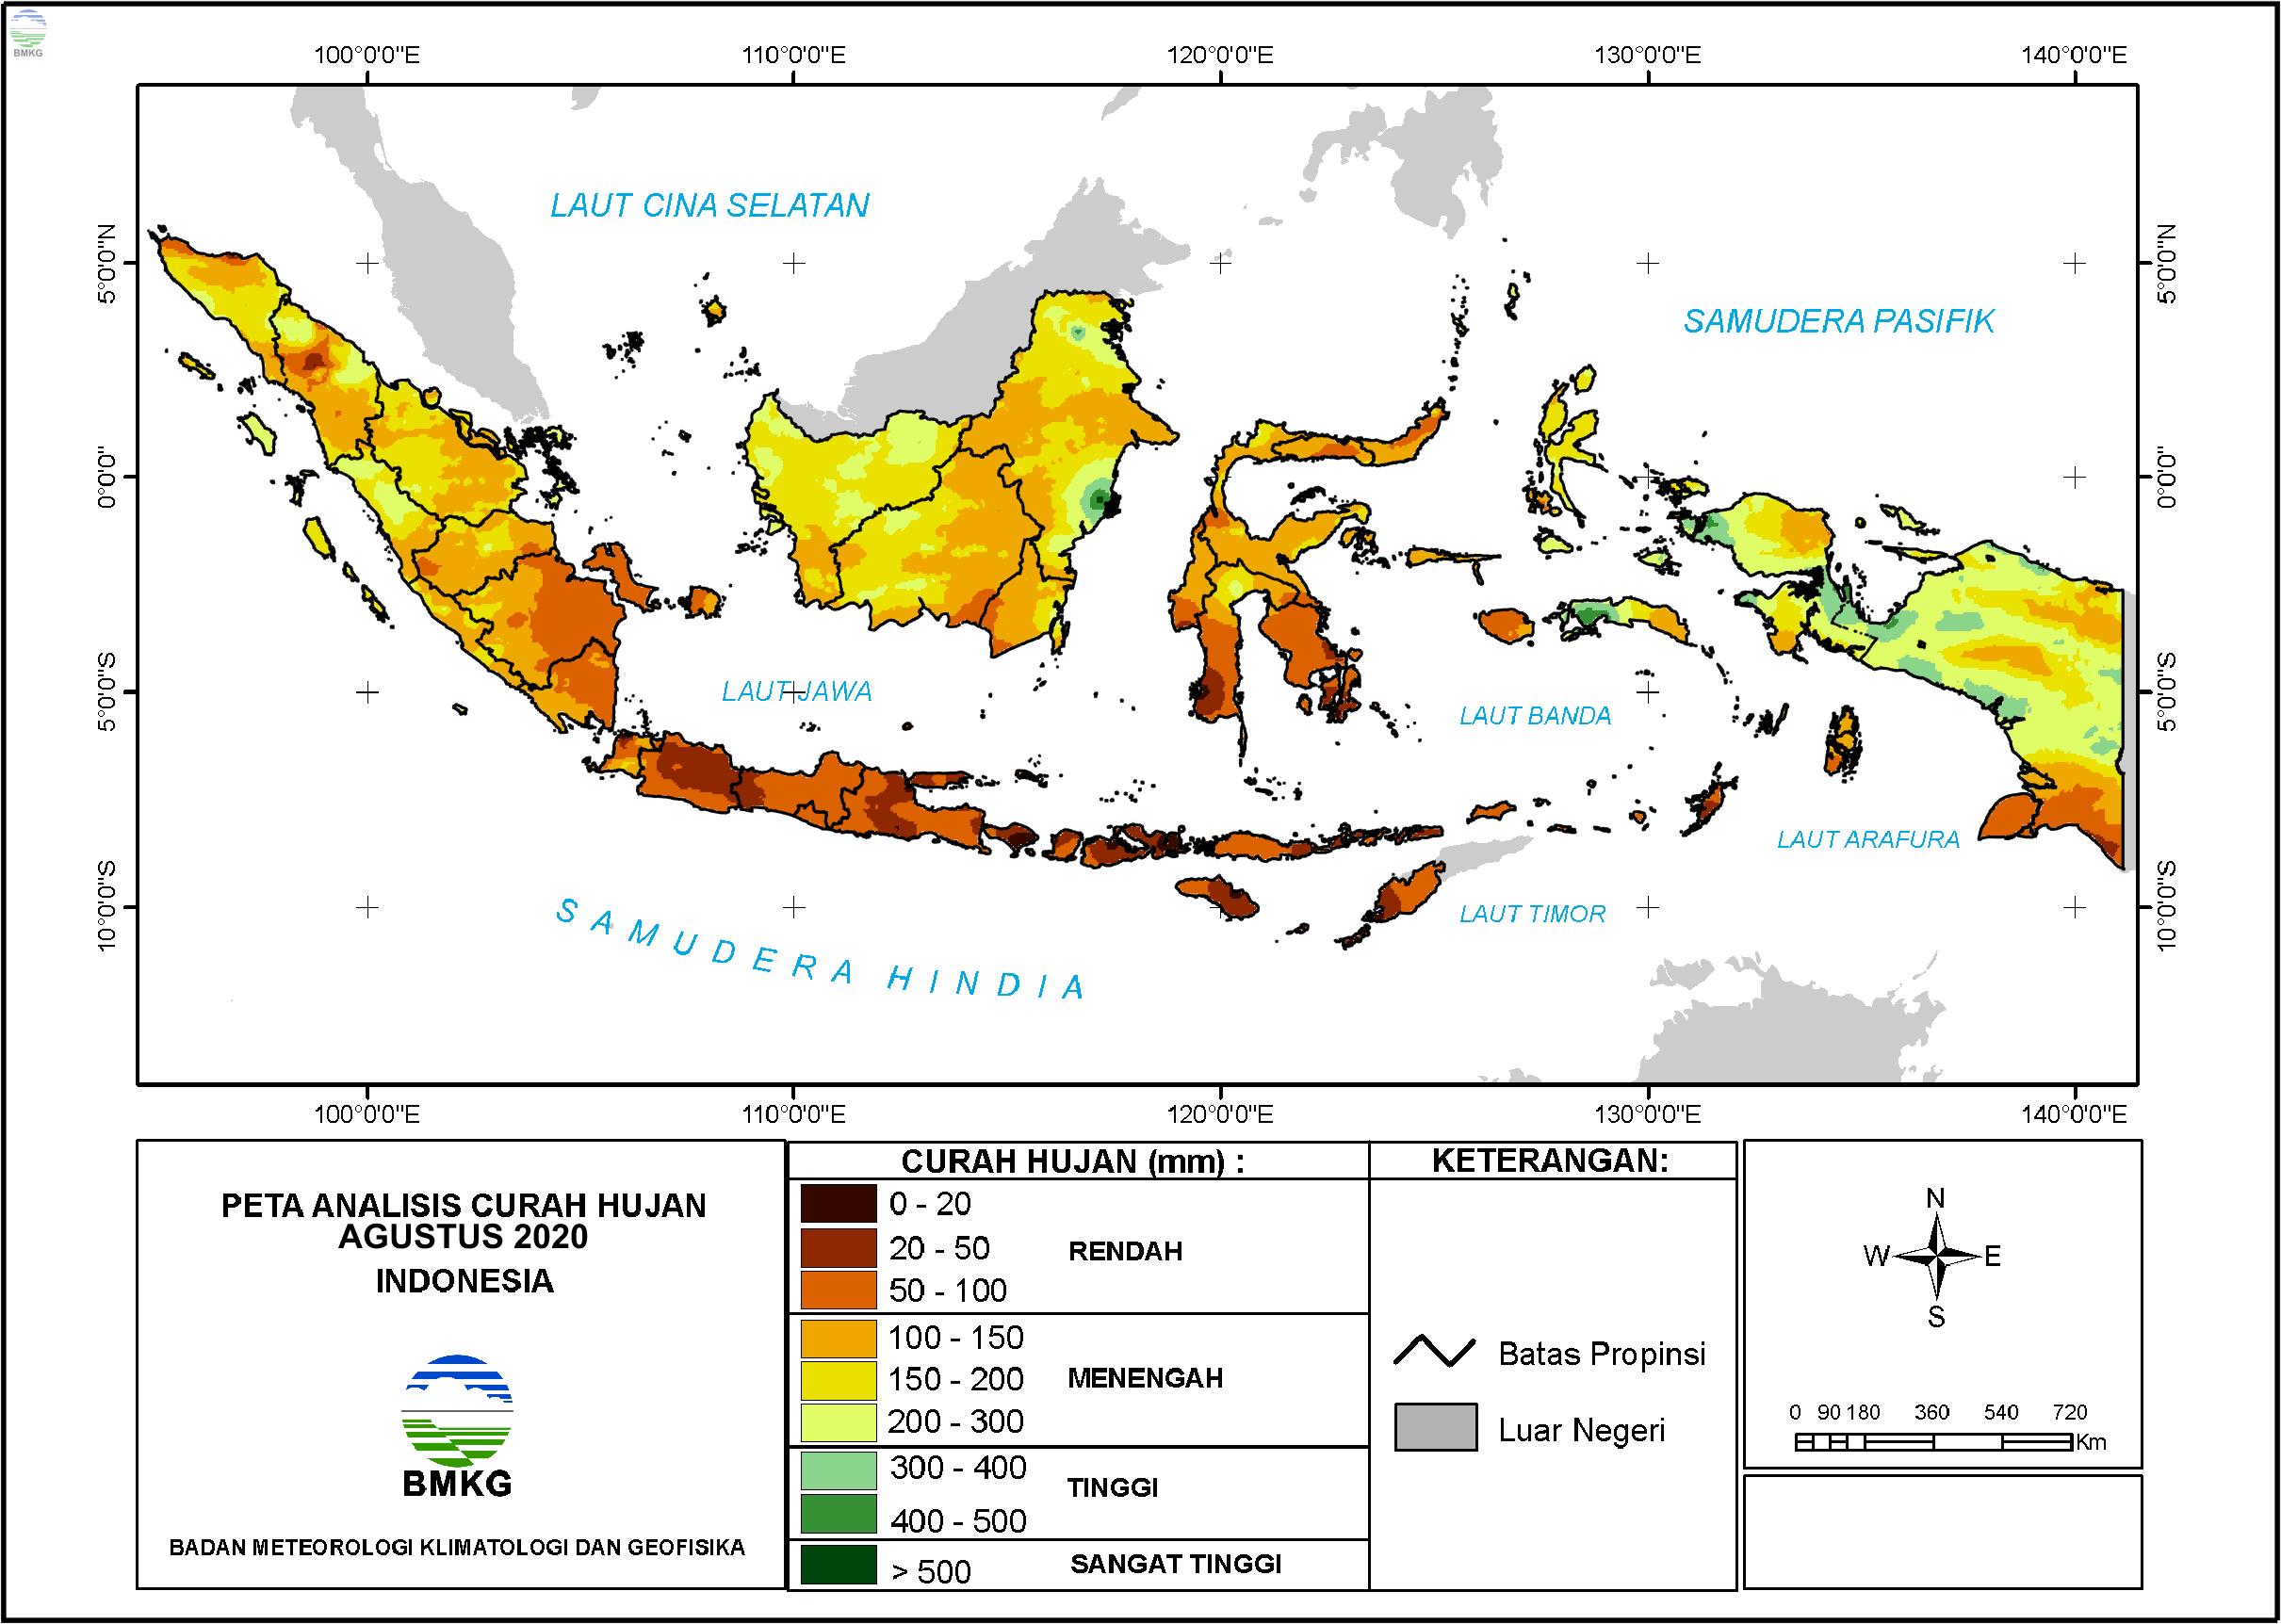 Analisis Curah Hujan dan Sifat Hujan Agustus 2020